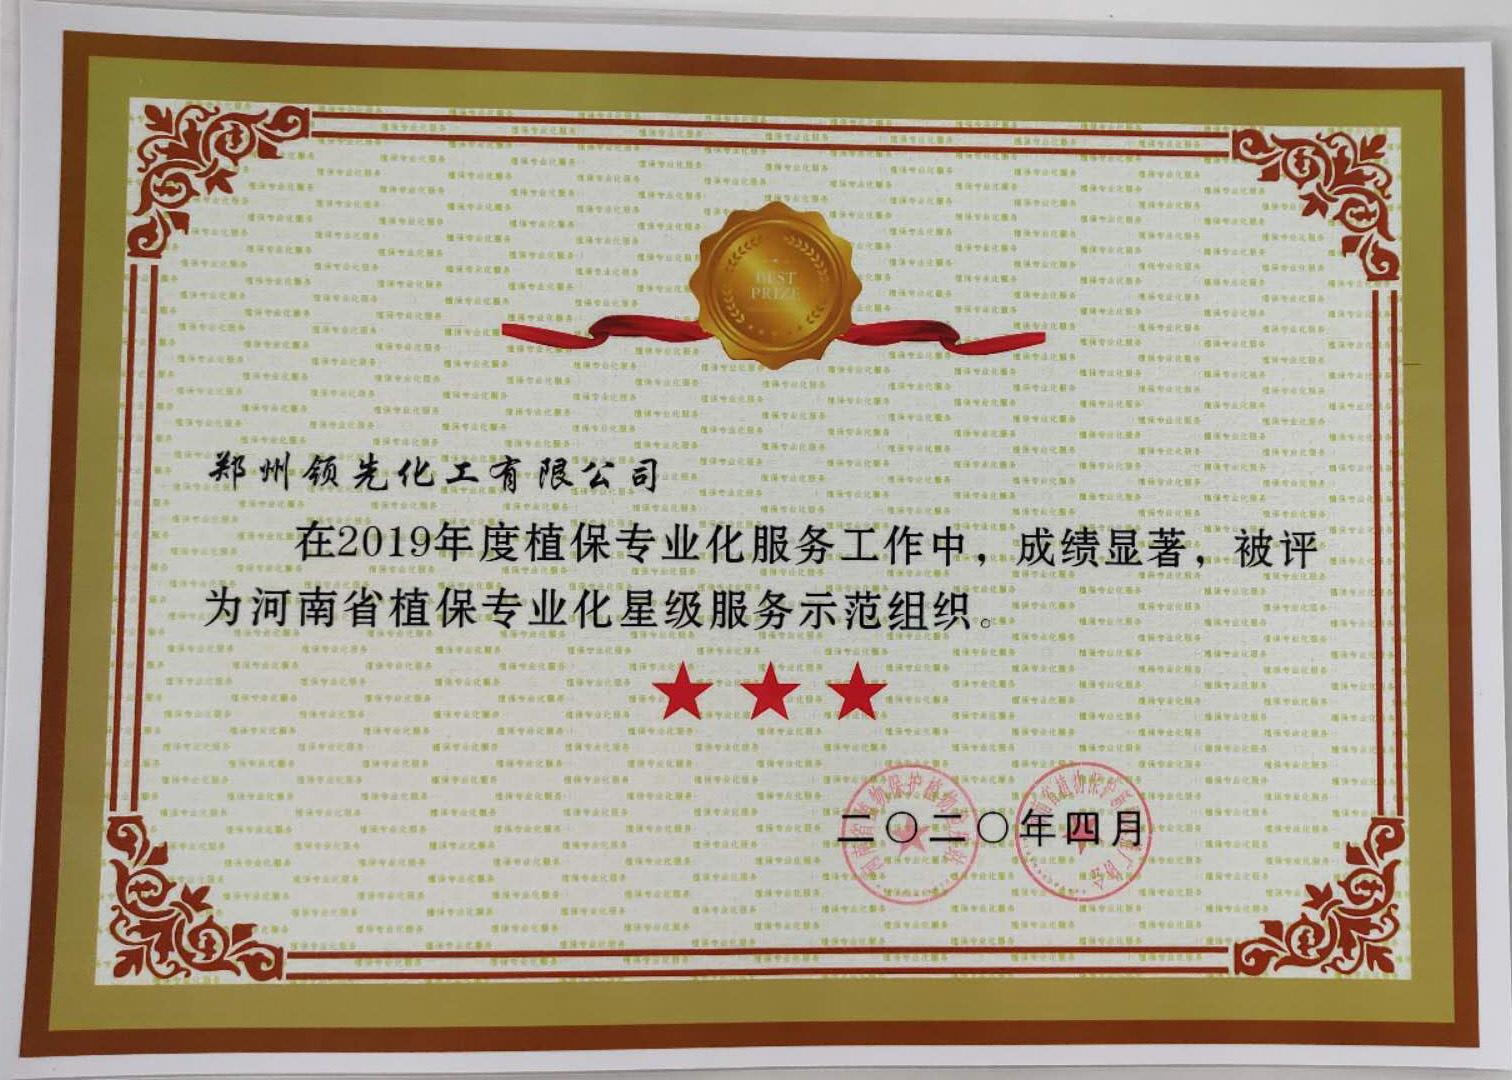 河南植保专业化服务示范组织